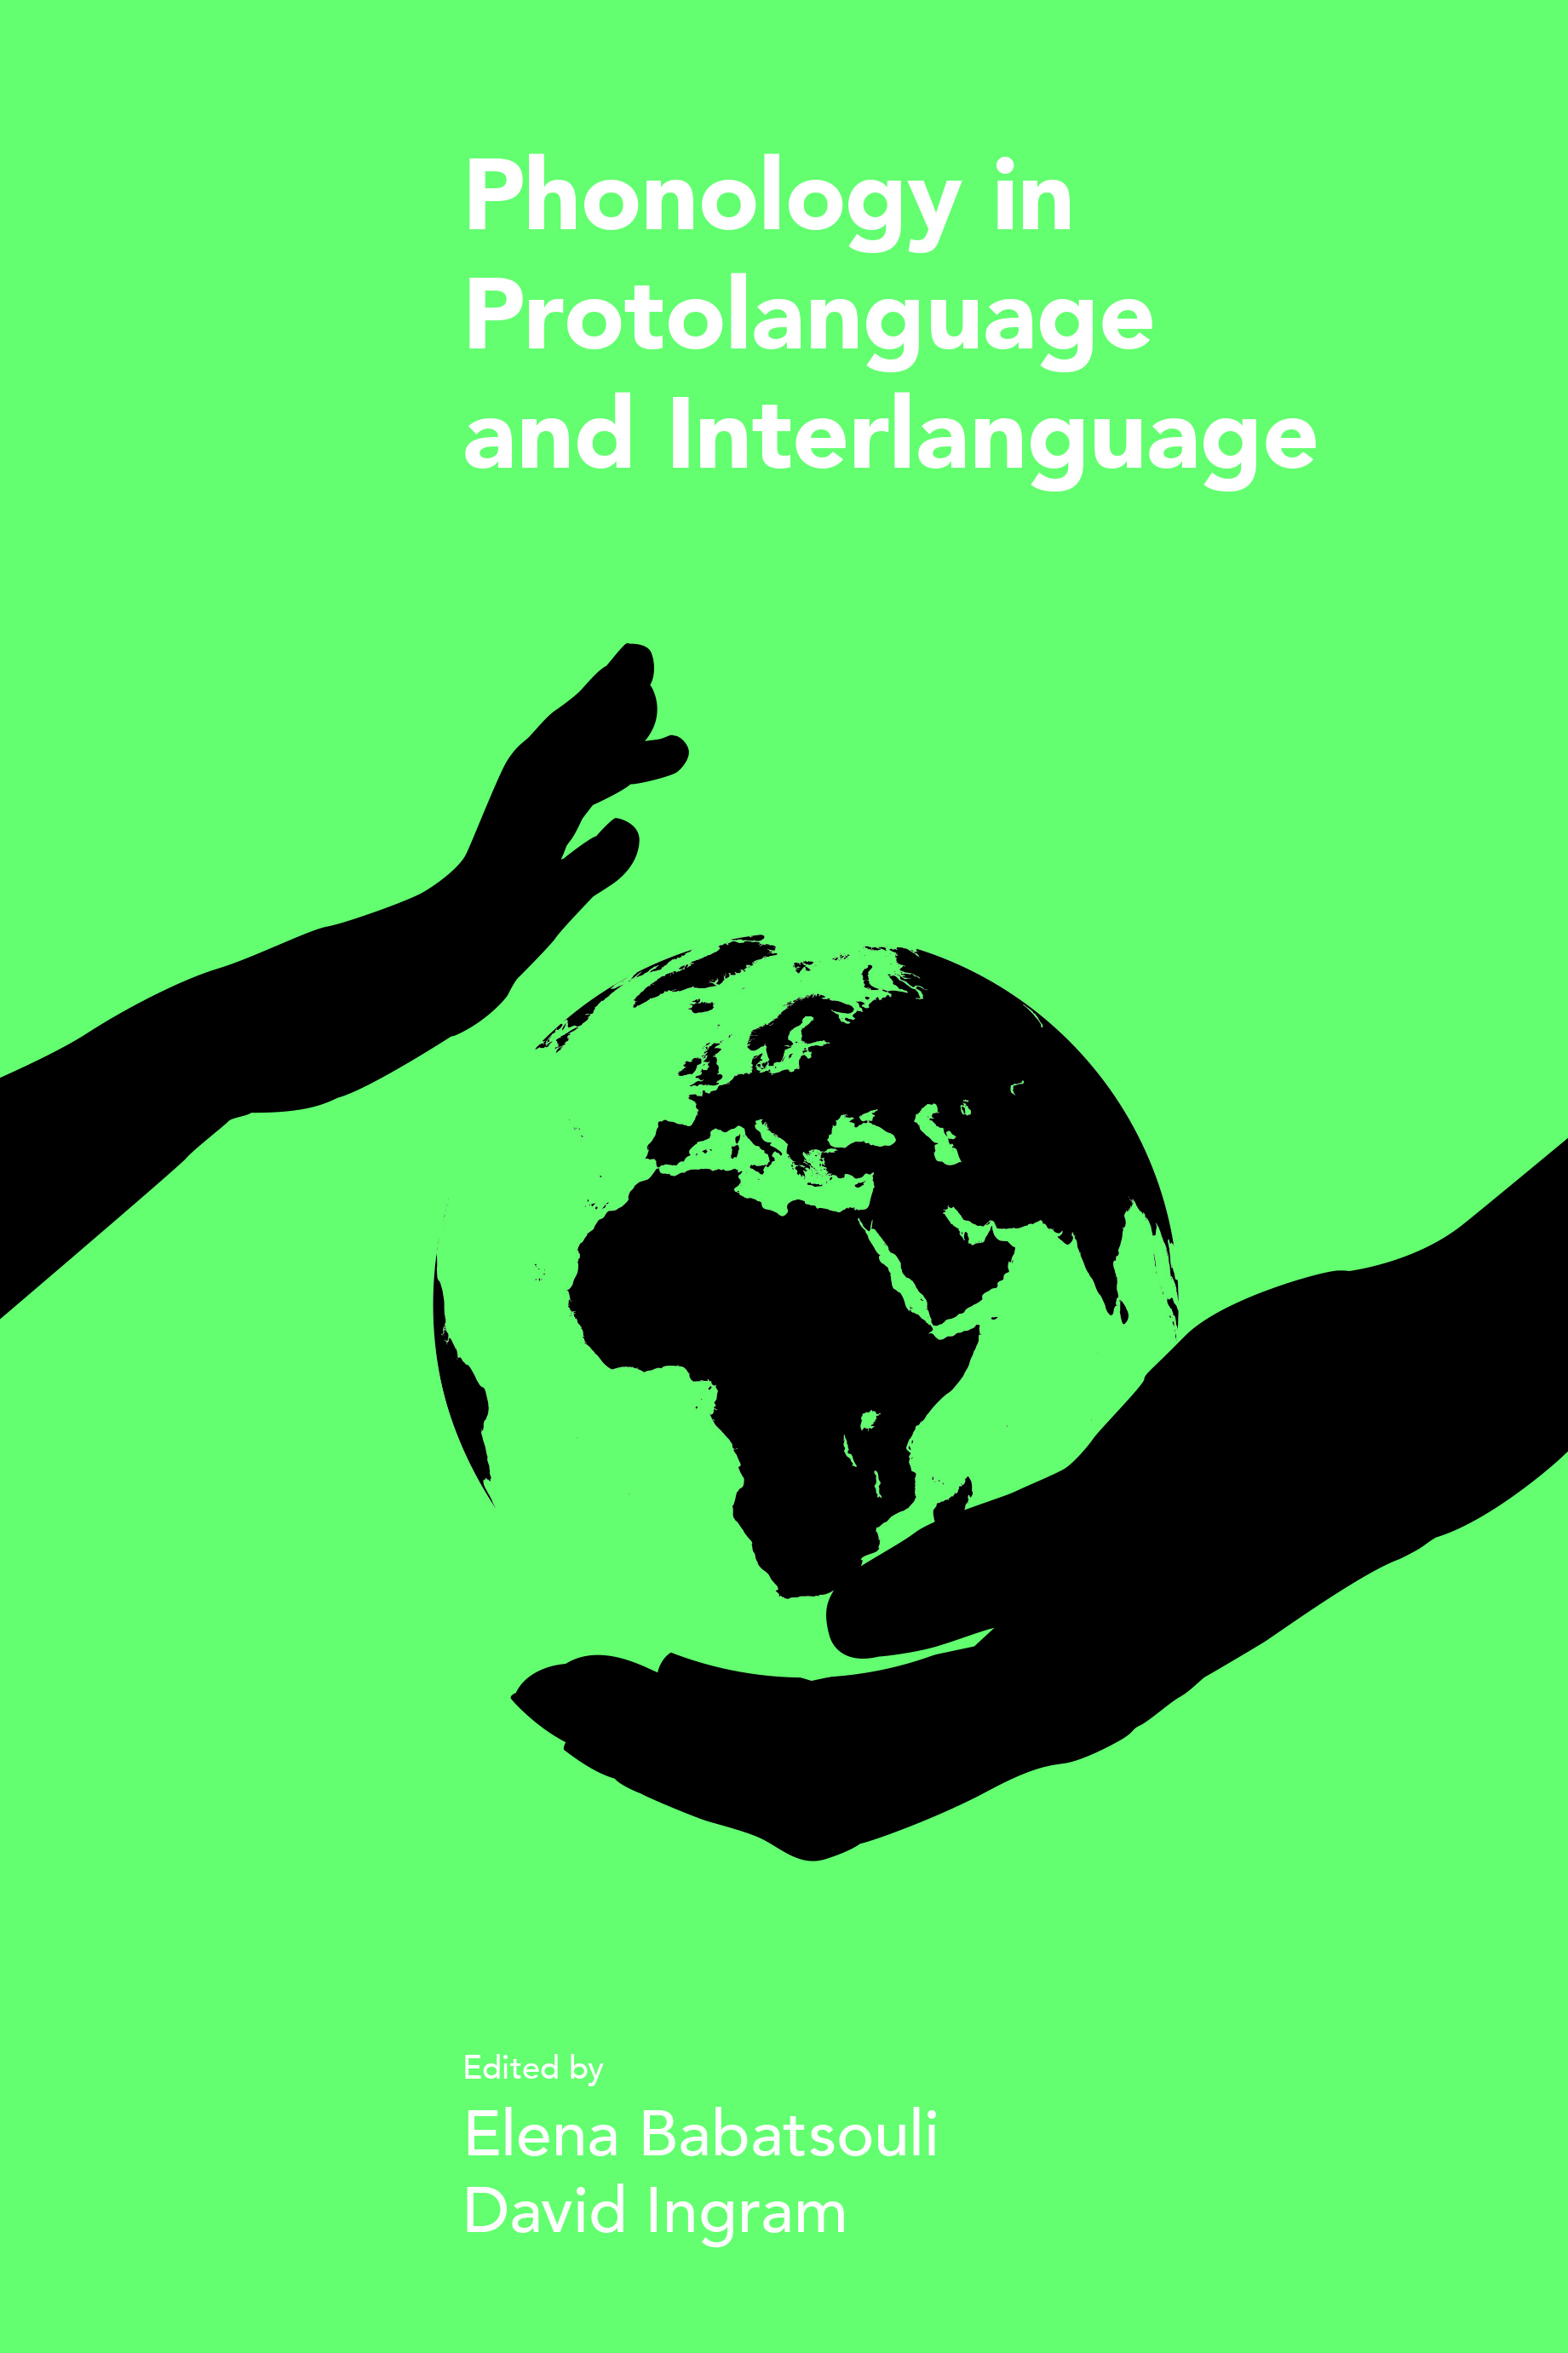 Protolanguage/Interlanguage Phonology